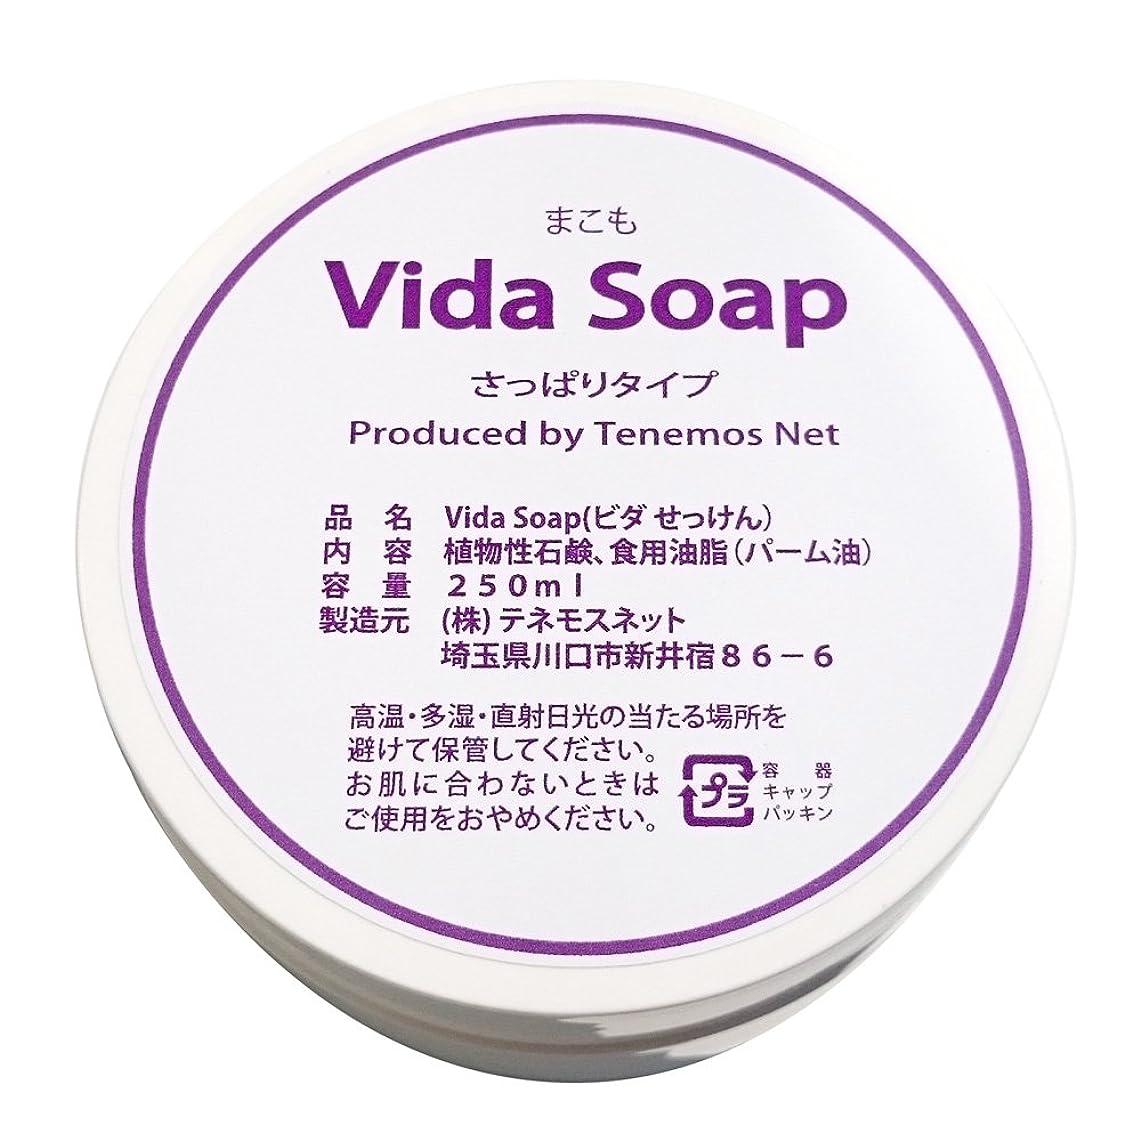 雄弁ベリー陸軍テネモス ビダせっけん Vida Soap さっぱりまこも 植物性 250ml